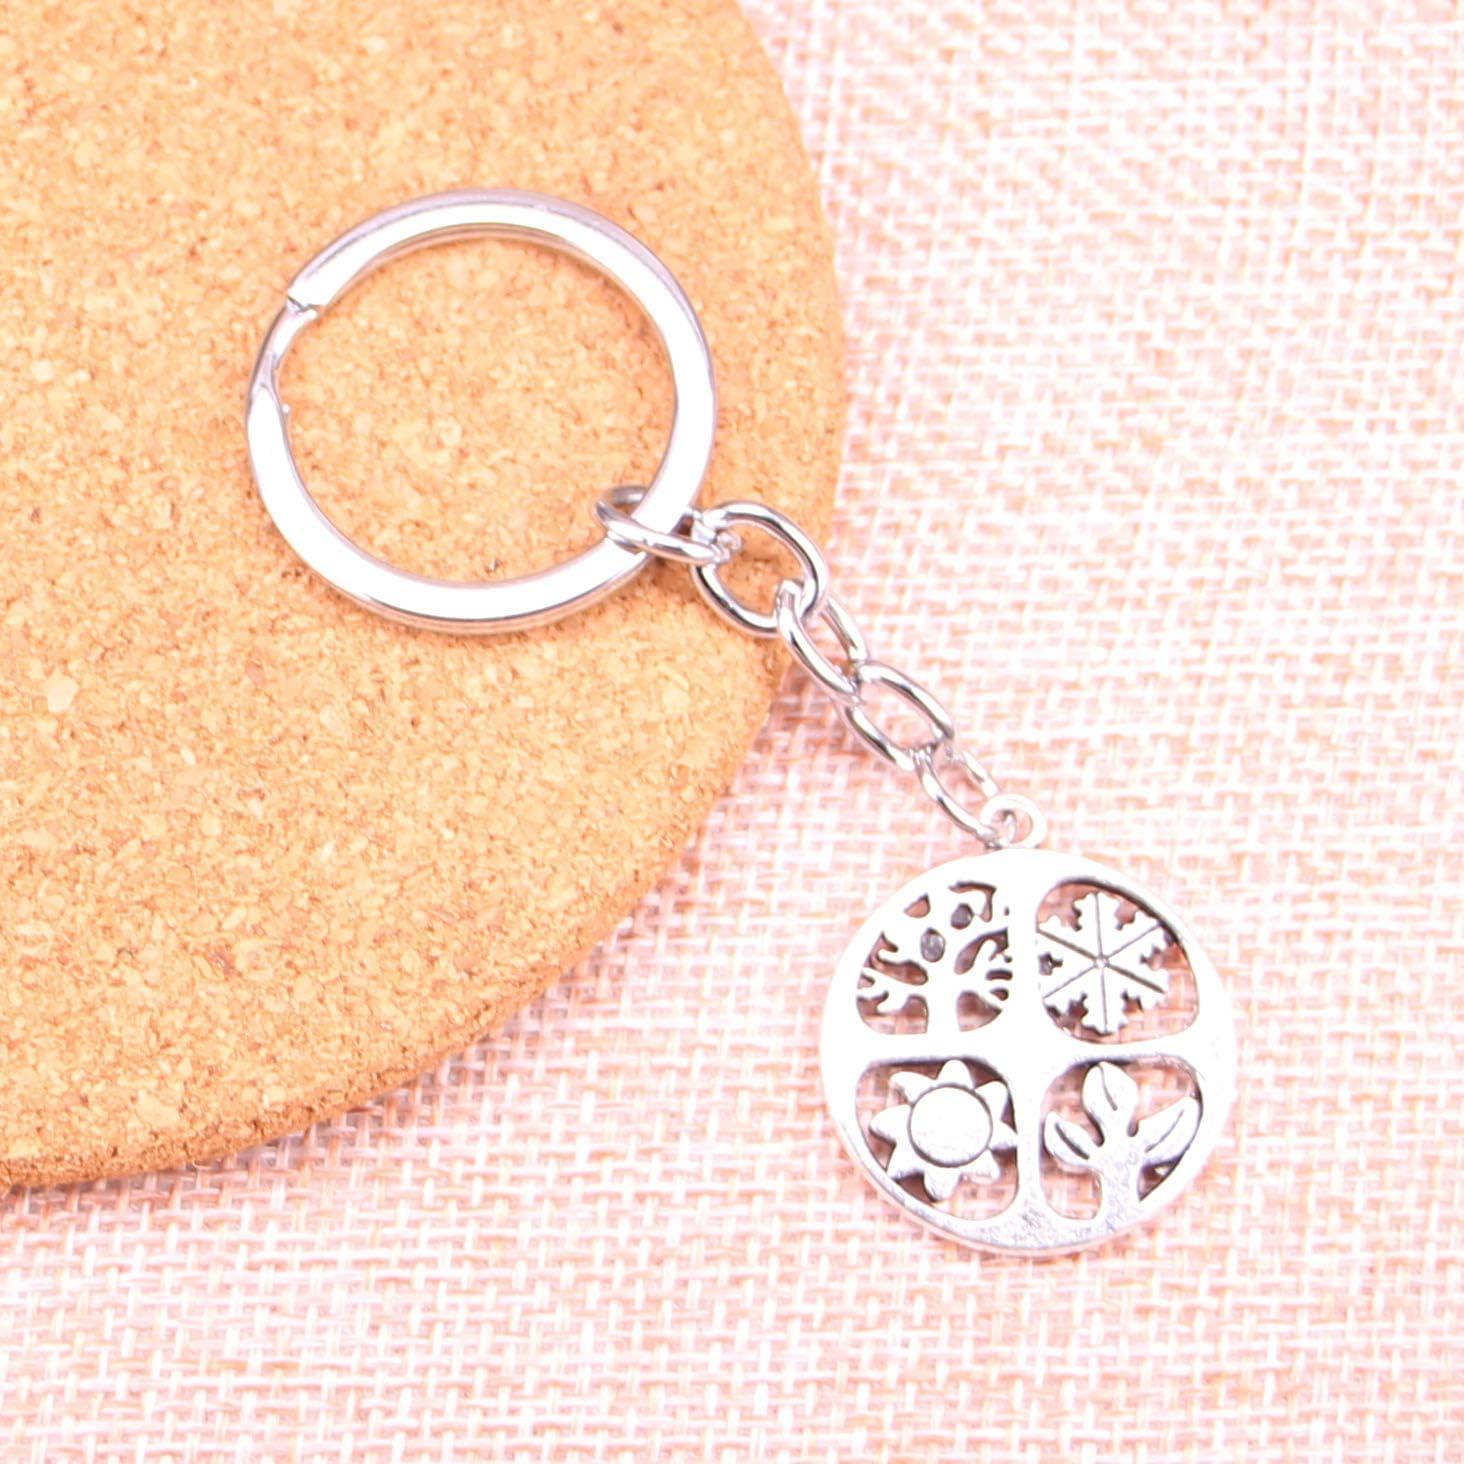 Vier Jahreszeiten Sommer Winter Schlüsselanhänger Anhänger Silber aus Metall